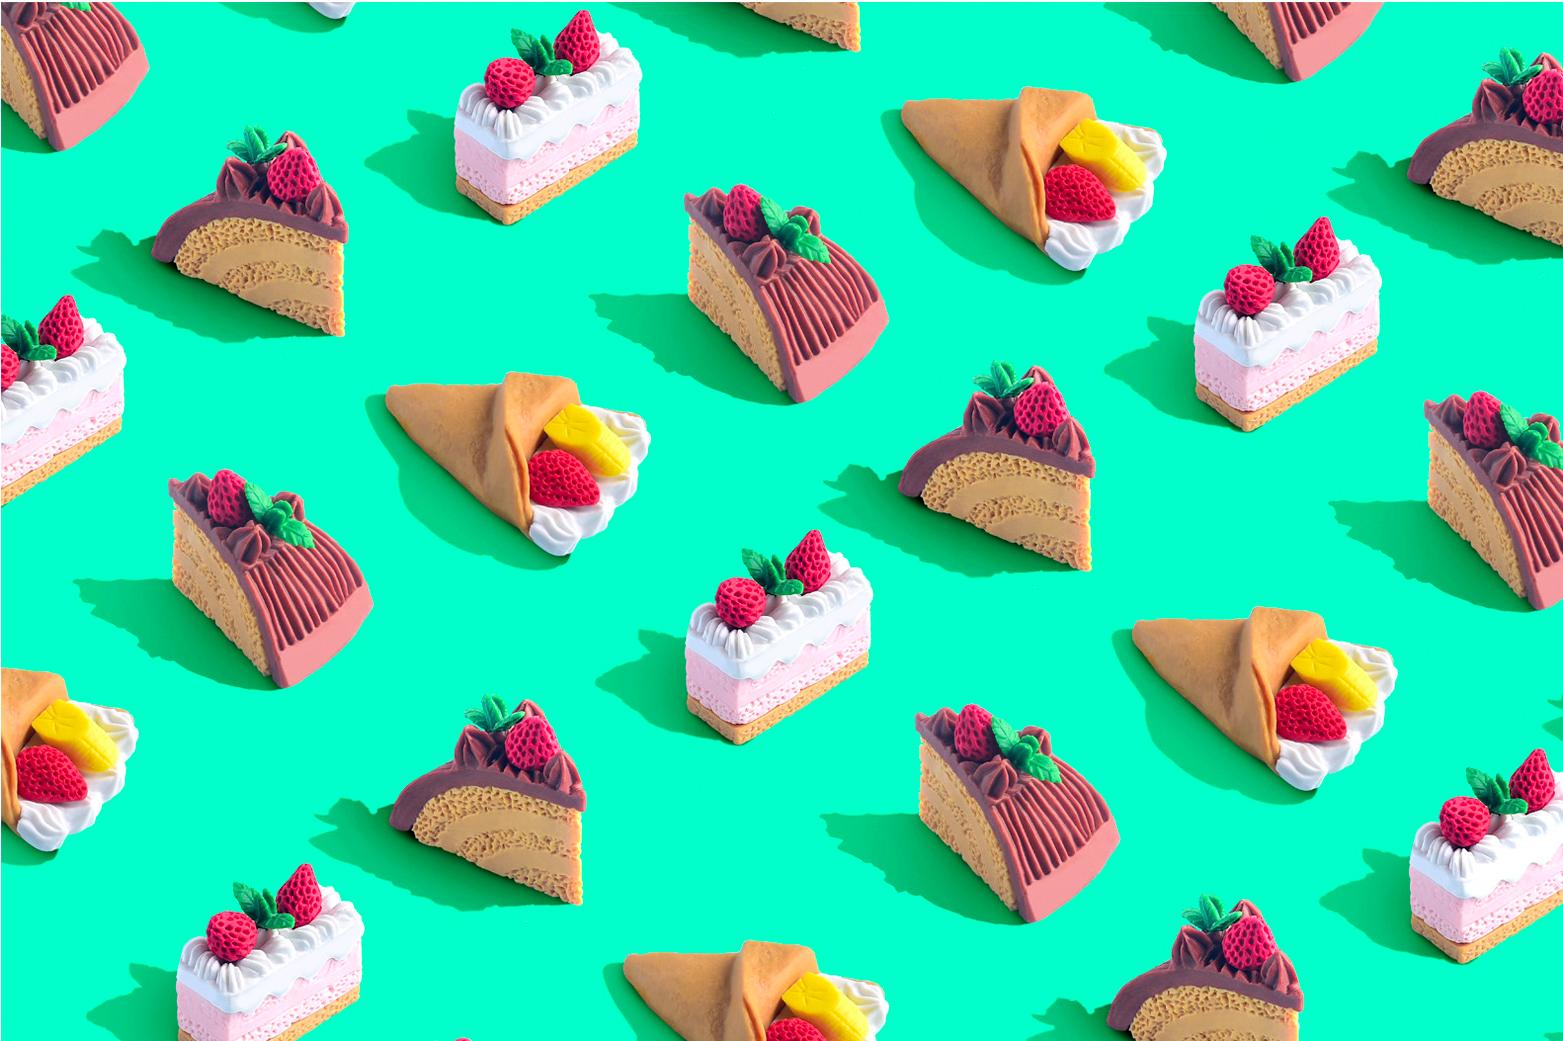 eraser food | Collater.al